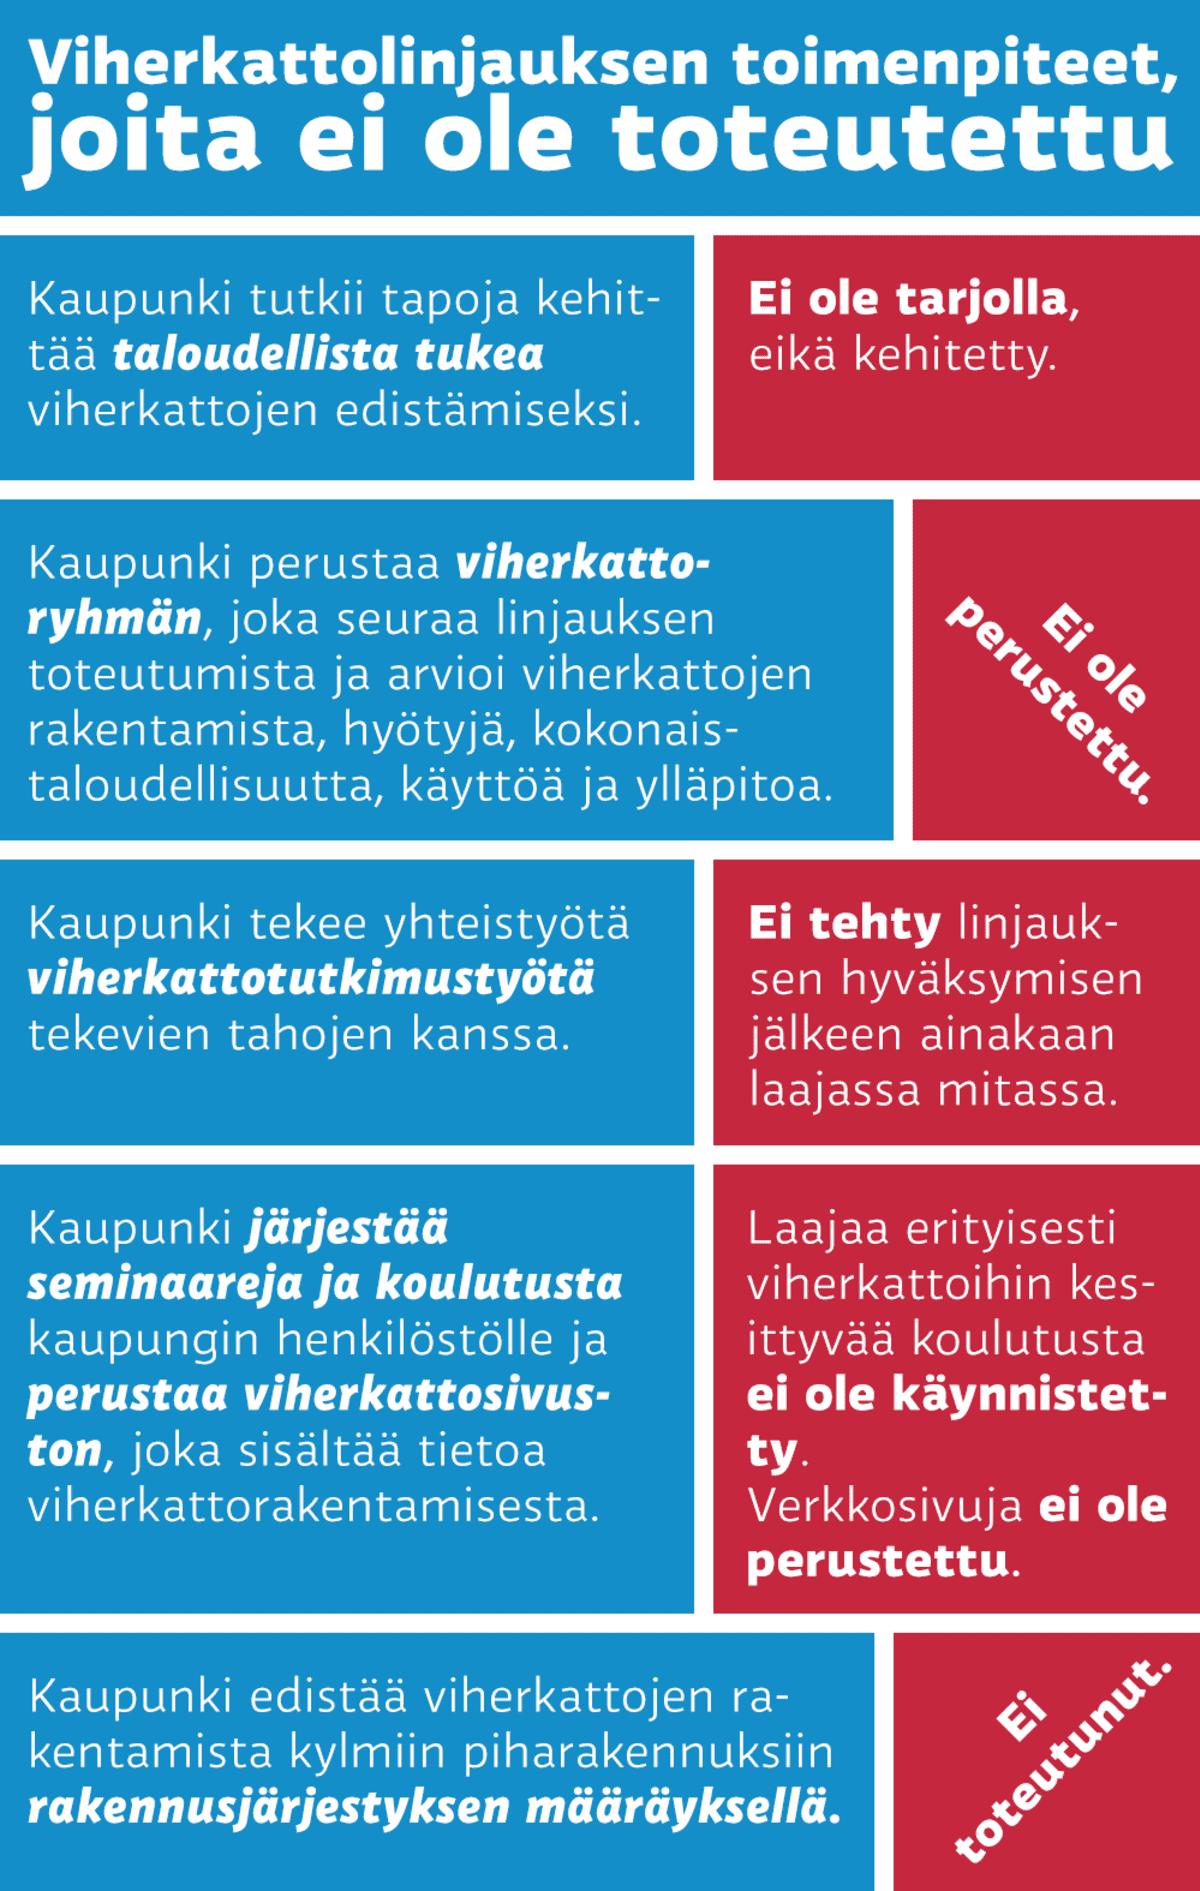 Viherkattolinjauksen viisi toimenpidettä, jotka eivät ole toteutuneet. Taloudellinen tuki, viherkattoryhmä, tutkimustyö, koulutus ja rakennusjärjestyksen määräys.